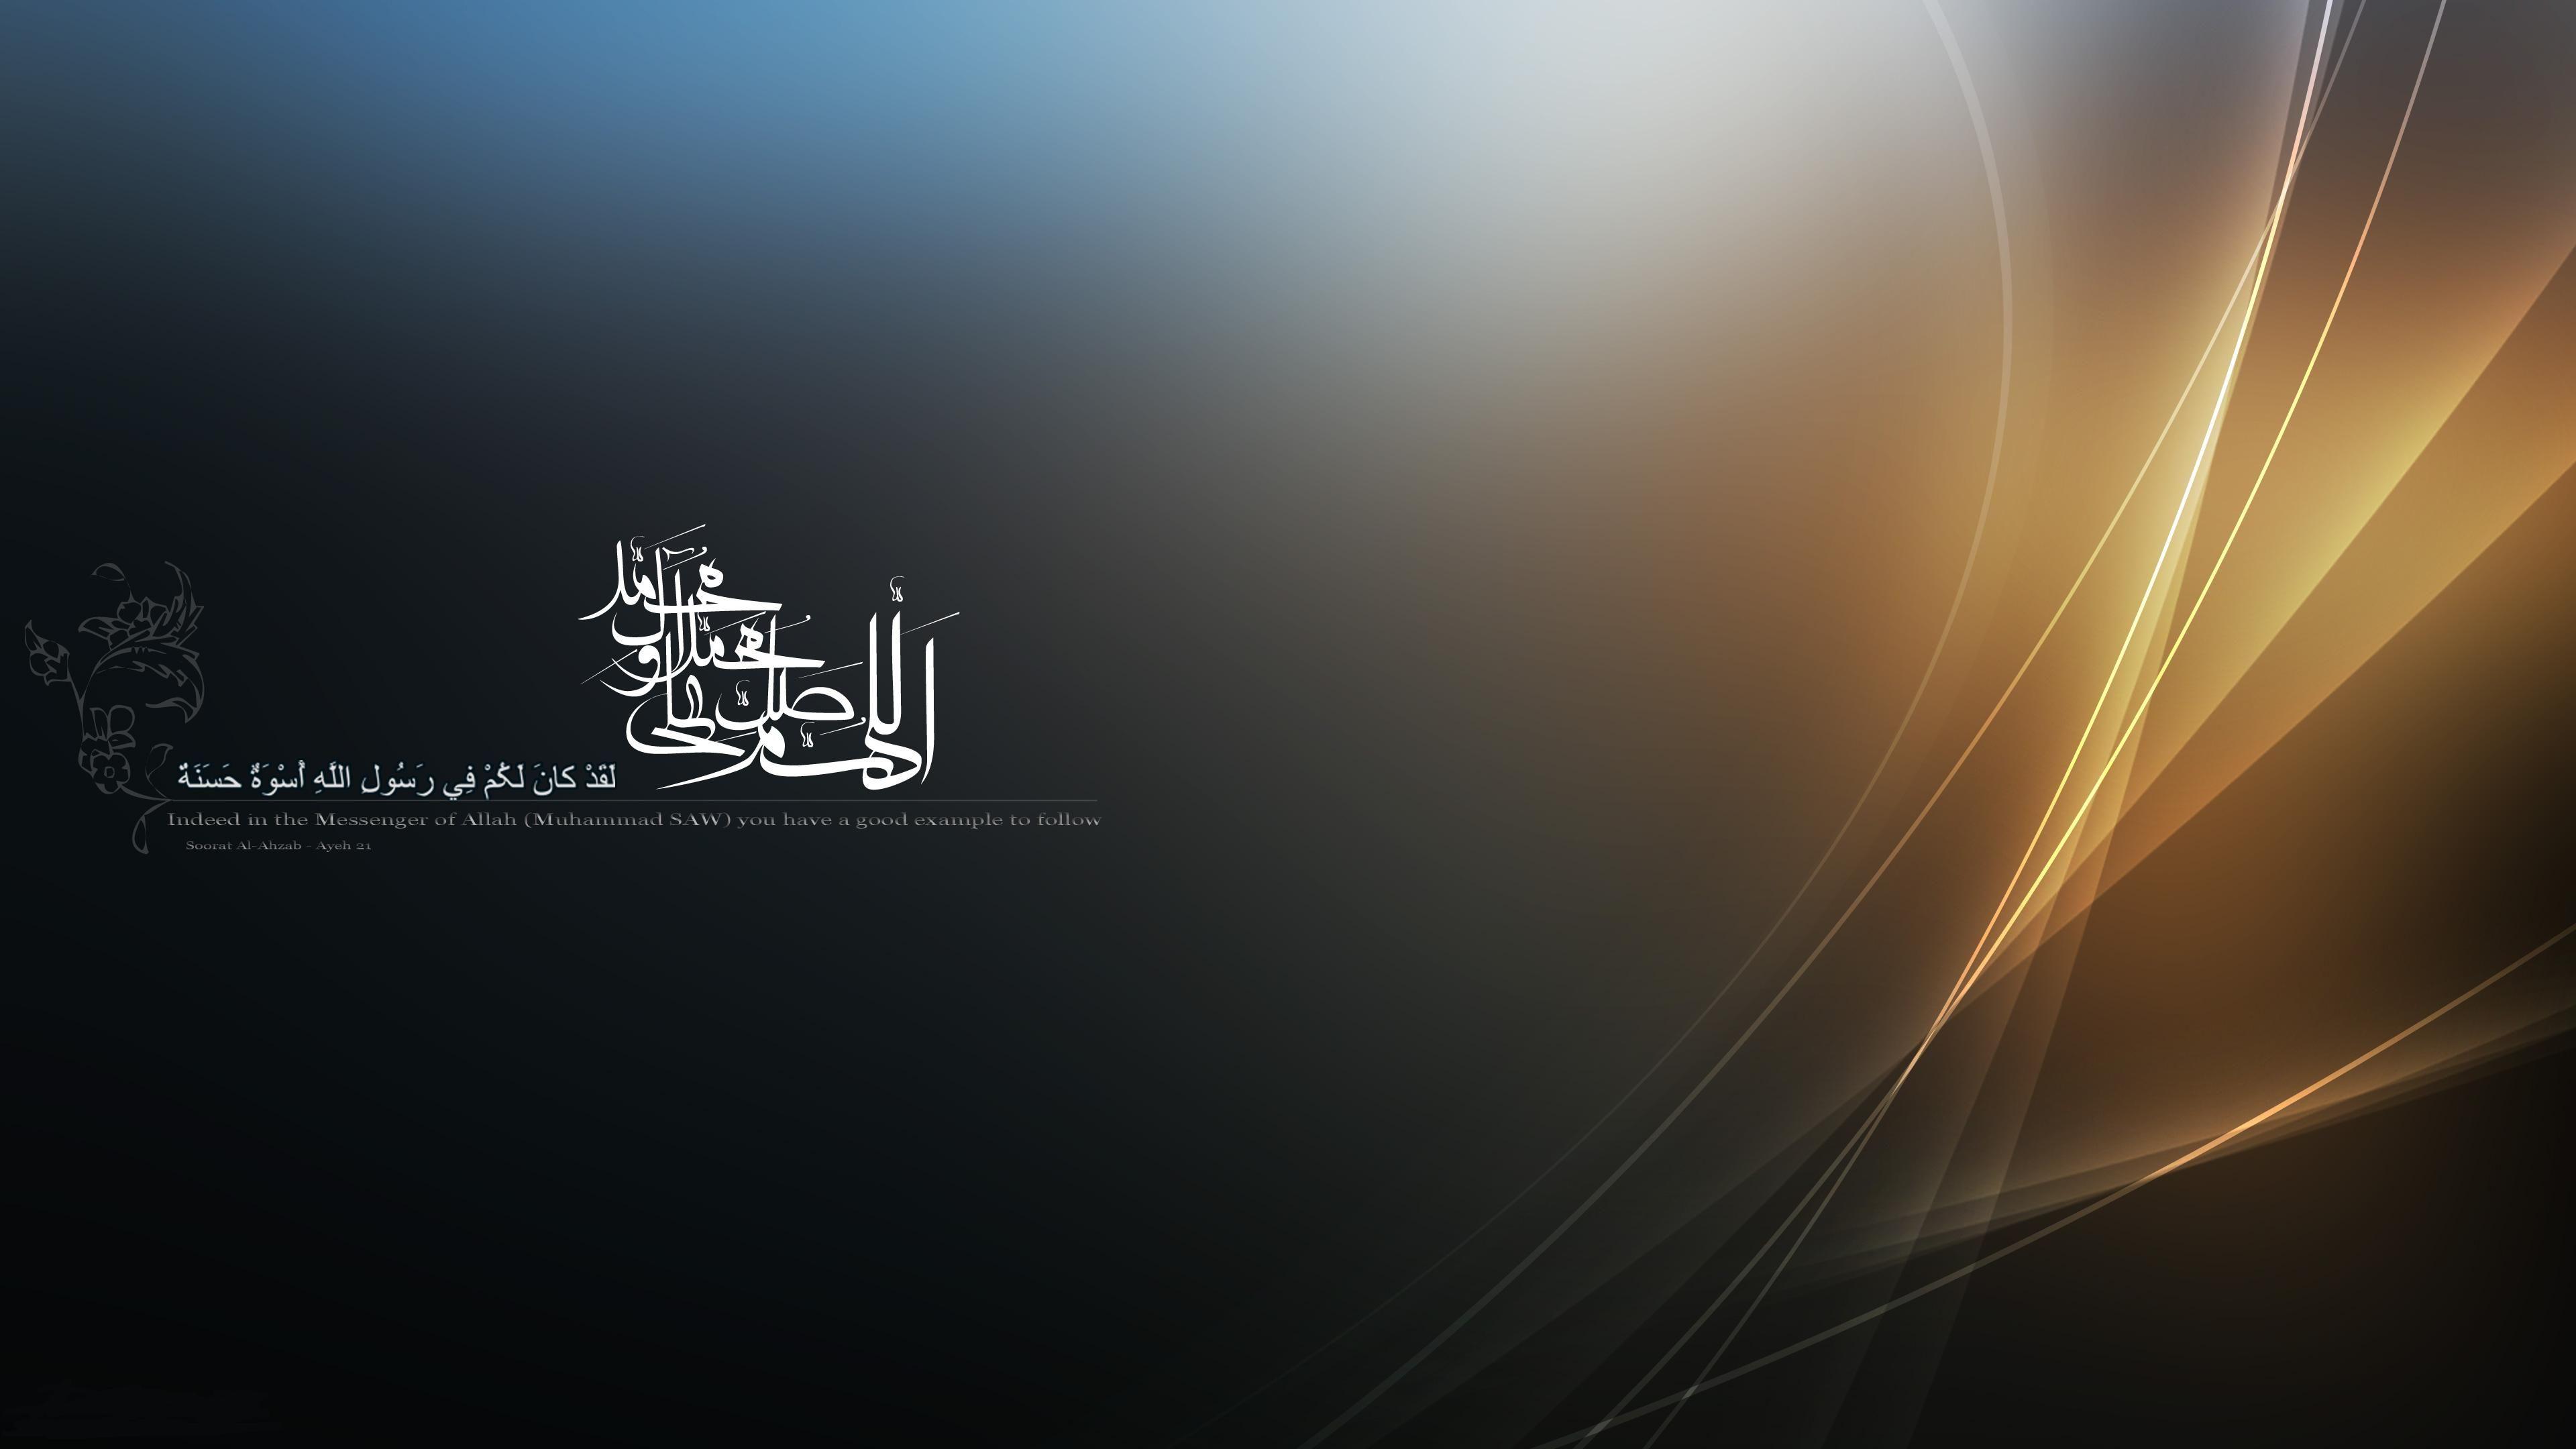 Allah Wallpaper Soo Cool Desktop Wallpaper Quotes Islamic Wallpaper Hd Islamic Wallpaper